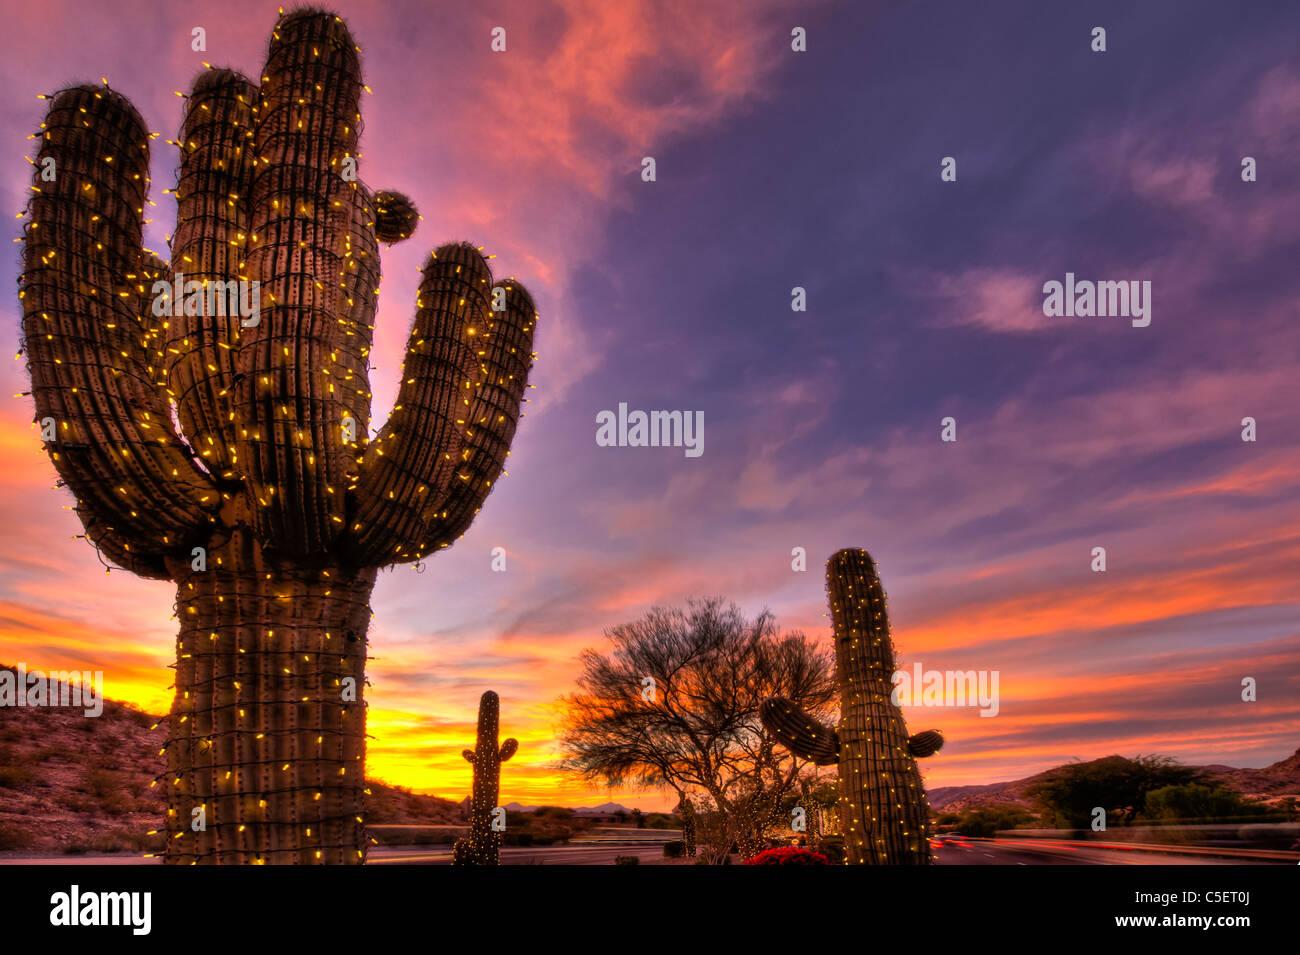 Diese riesigen Saguaro-Kaktus bedeckt gewesen in Weihnachtsbeleuchtung für die Weihnachtszeit in Phoenix, AZ Stockfoto